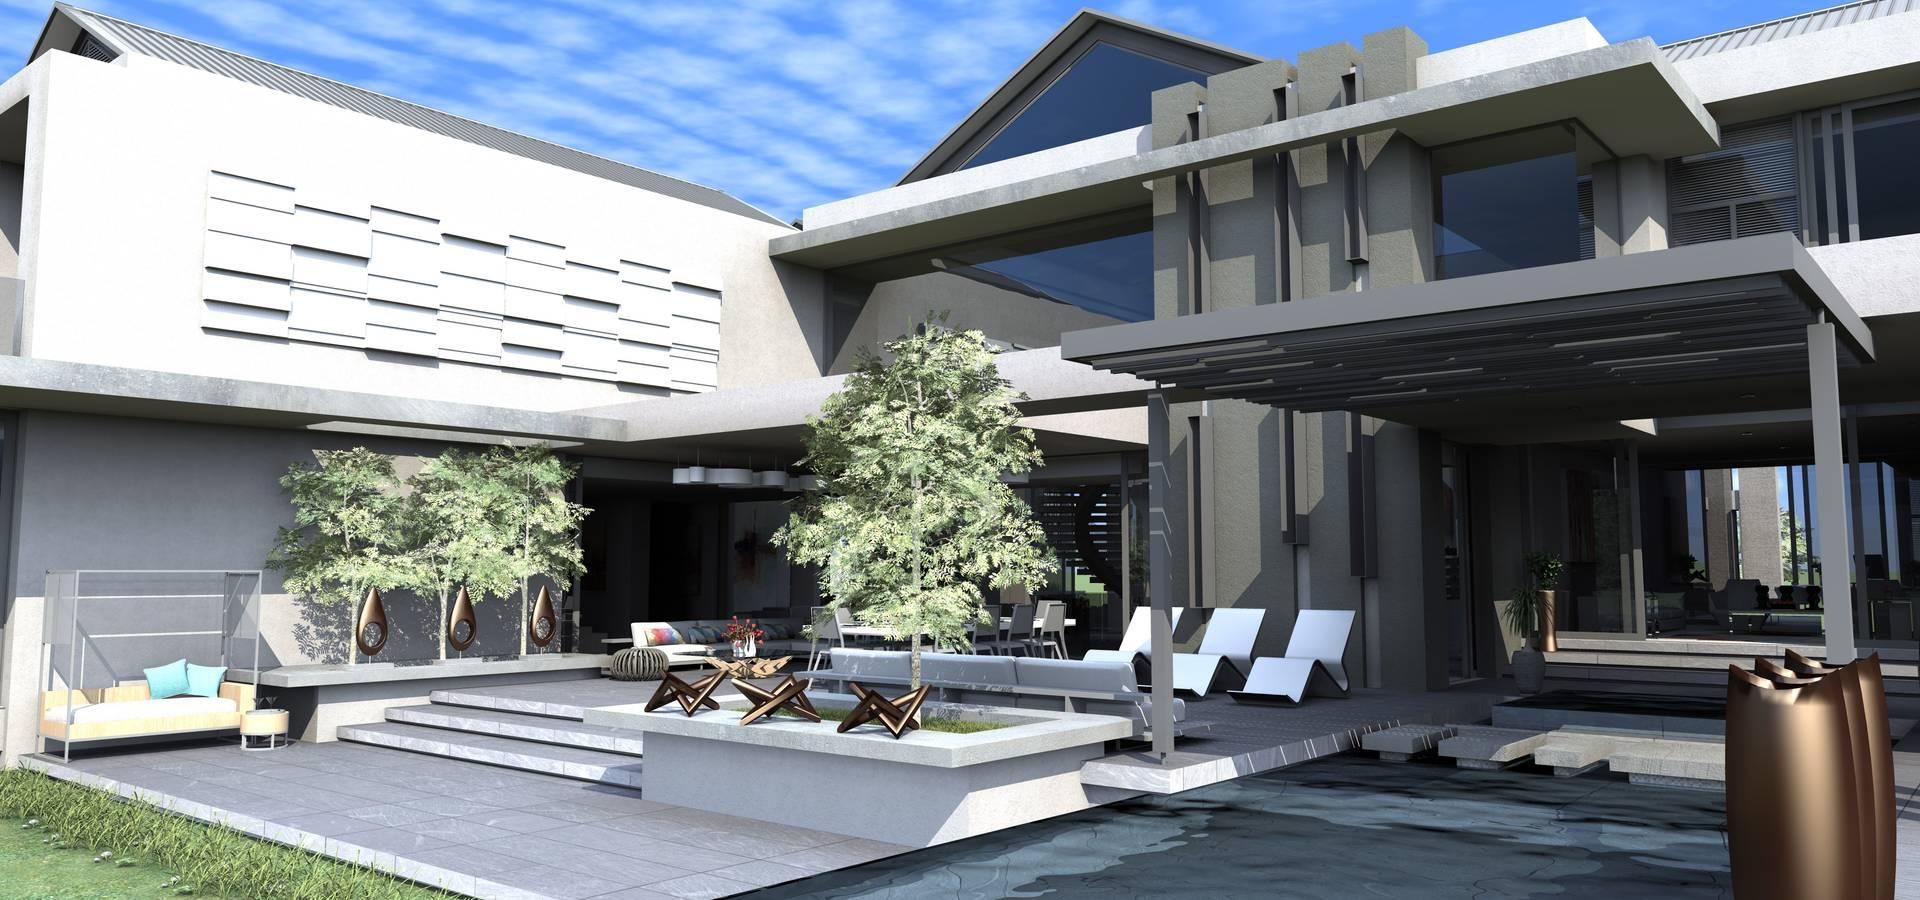 Karel Keuler Architects